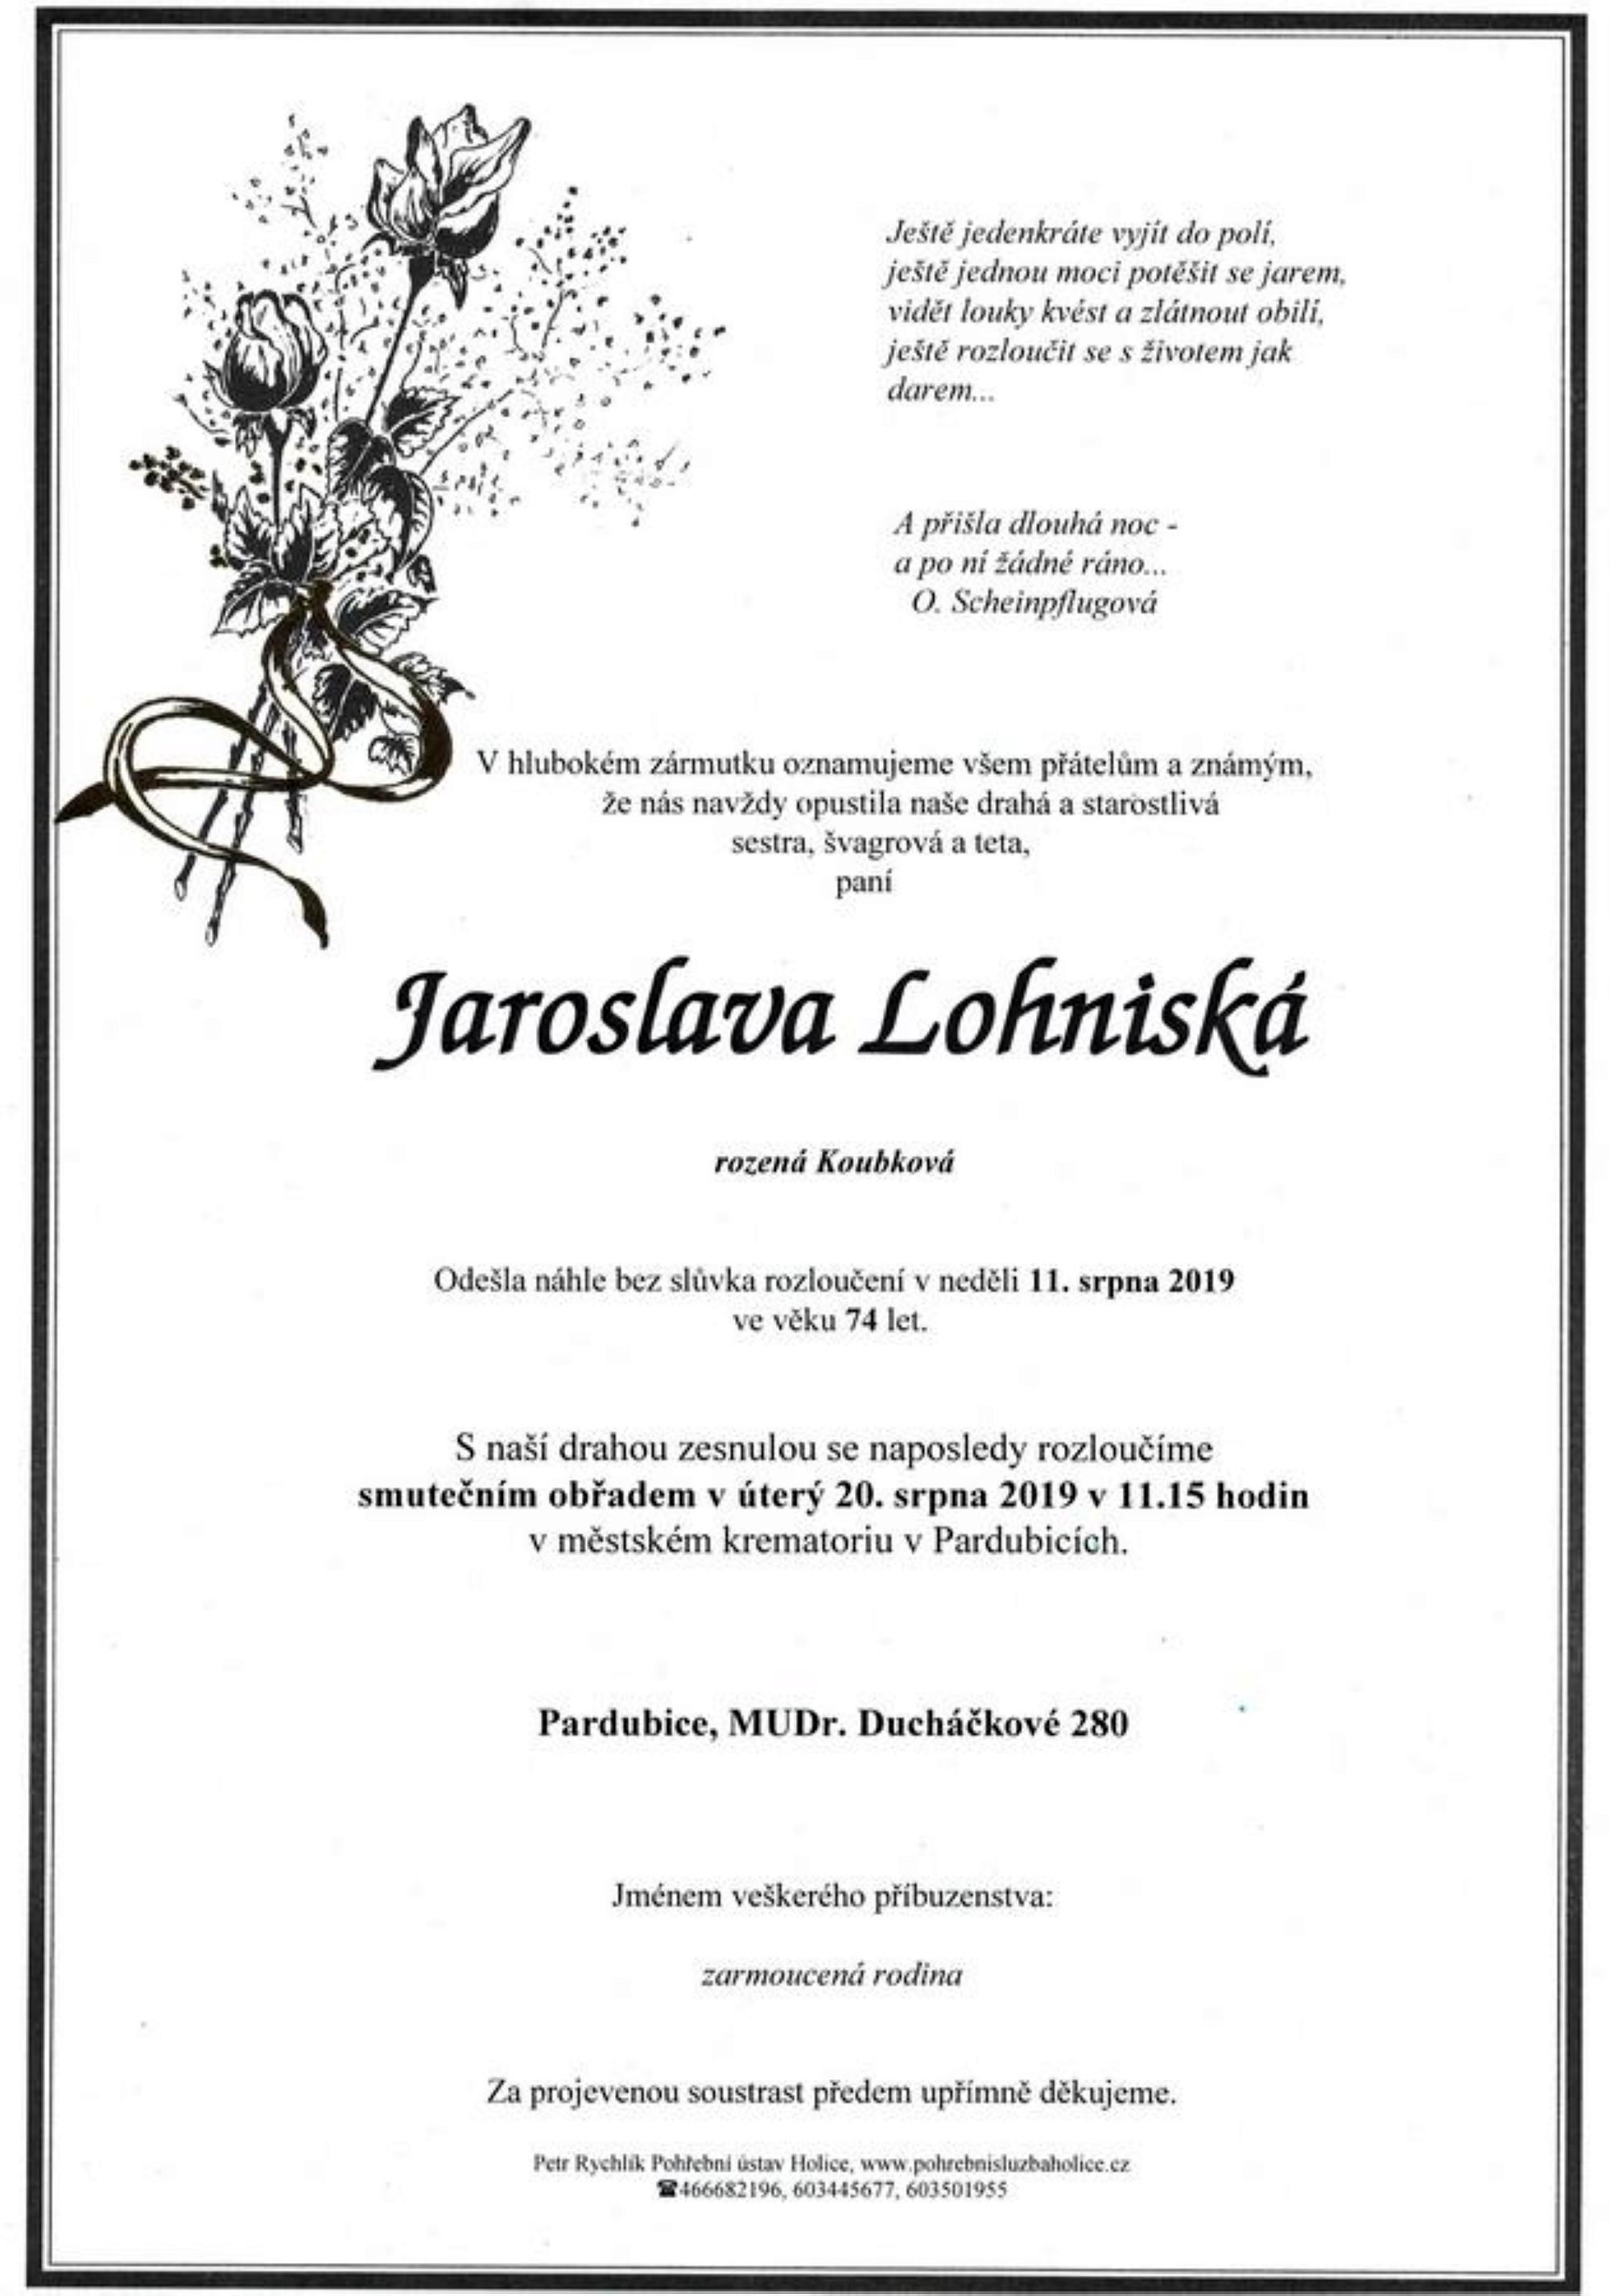 Jaroslava Lohniská